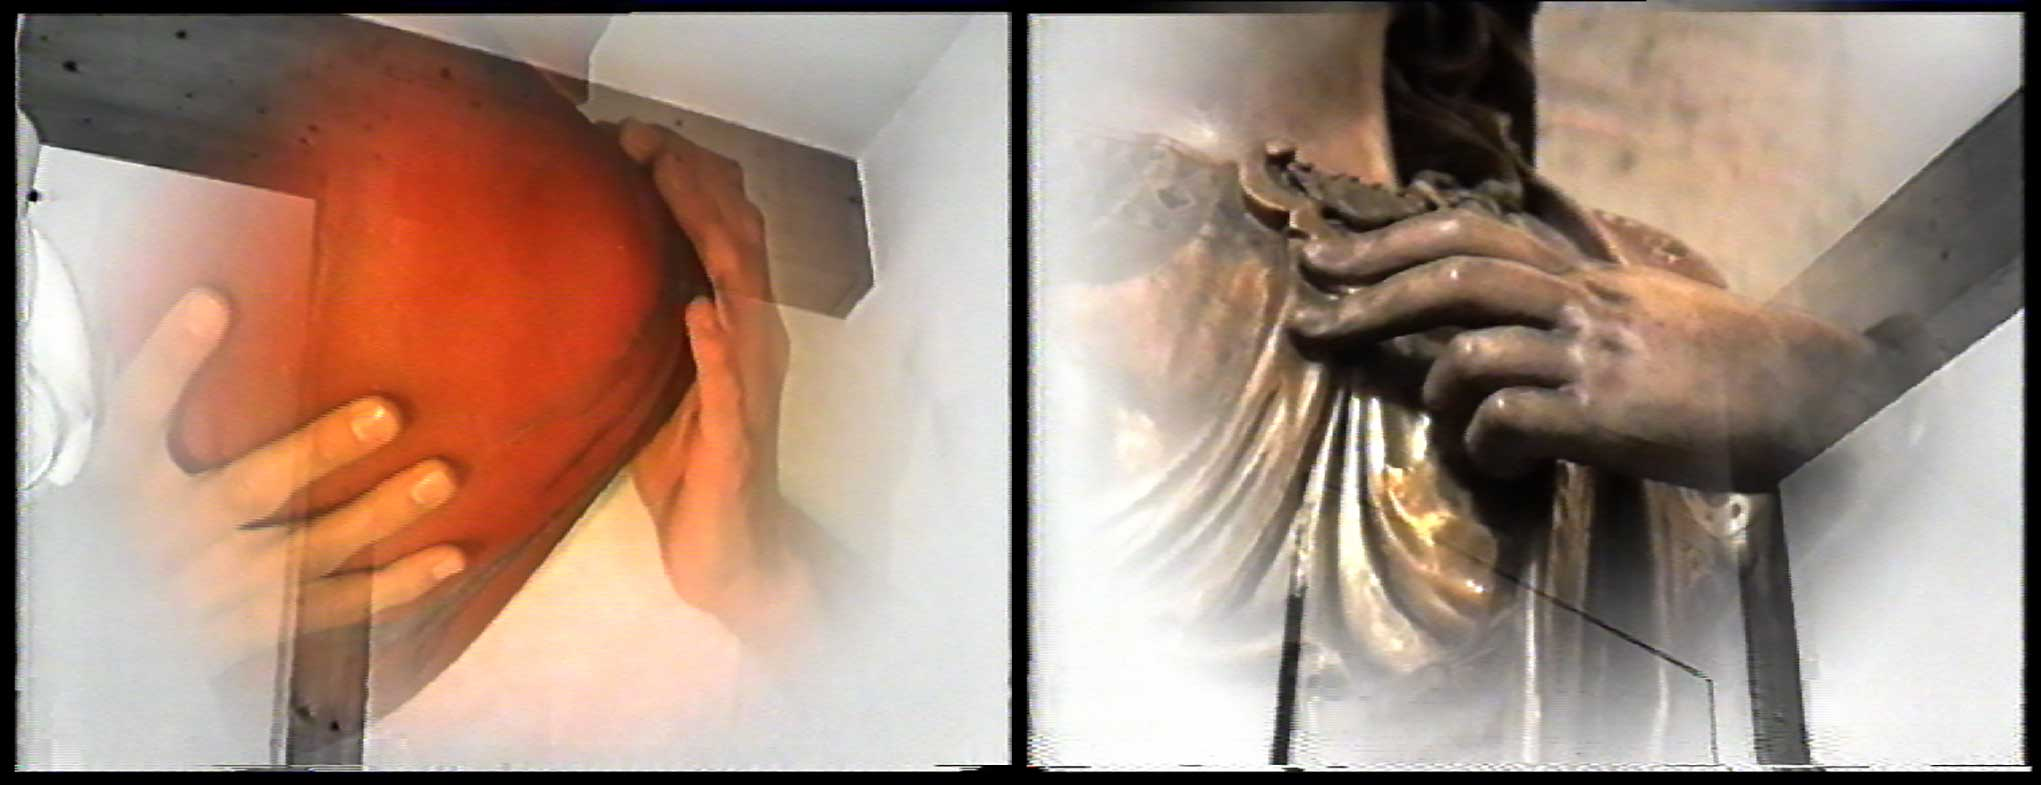 Myriam Thyes, Wer hat Maria ermordet? (1995), U-matic Lowband Pal, digitalisiert, 17:30, s/w und Farbe, stereo. 2 Videostills.